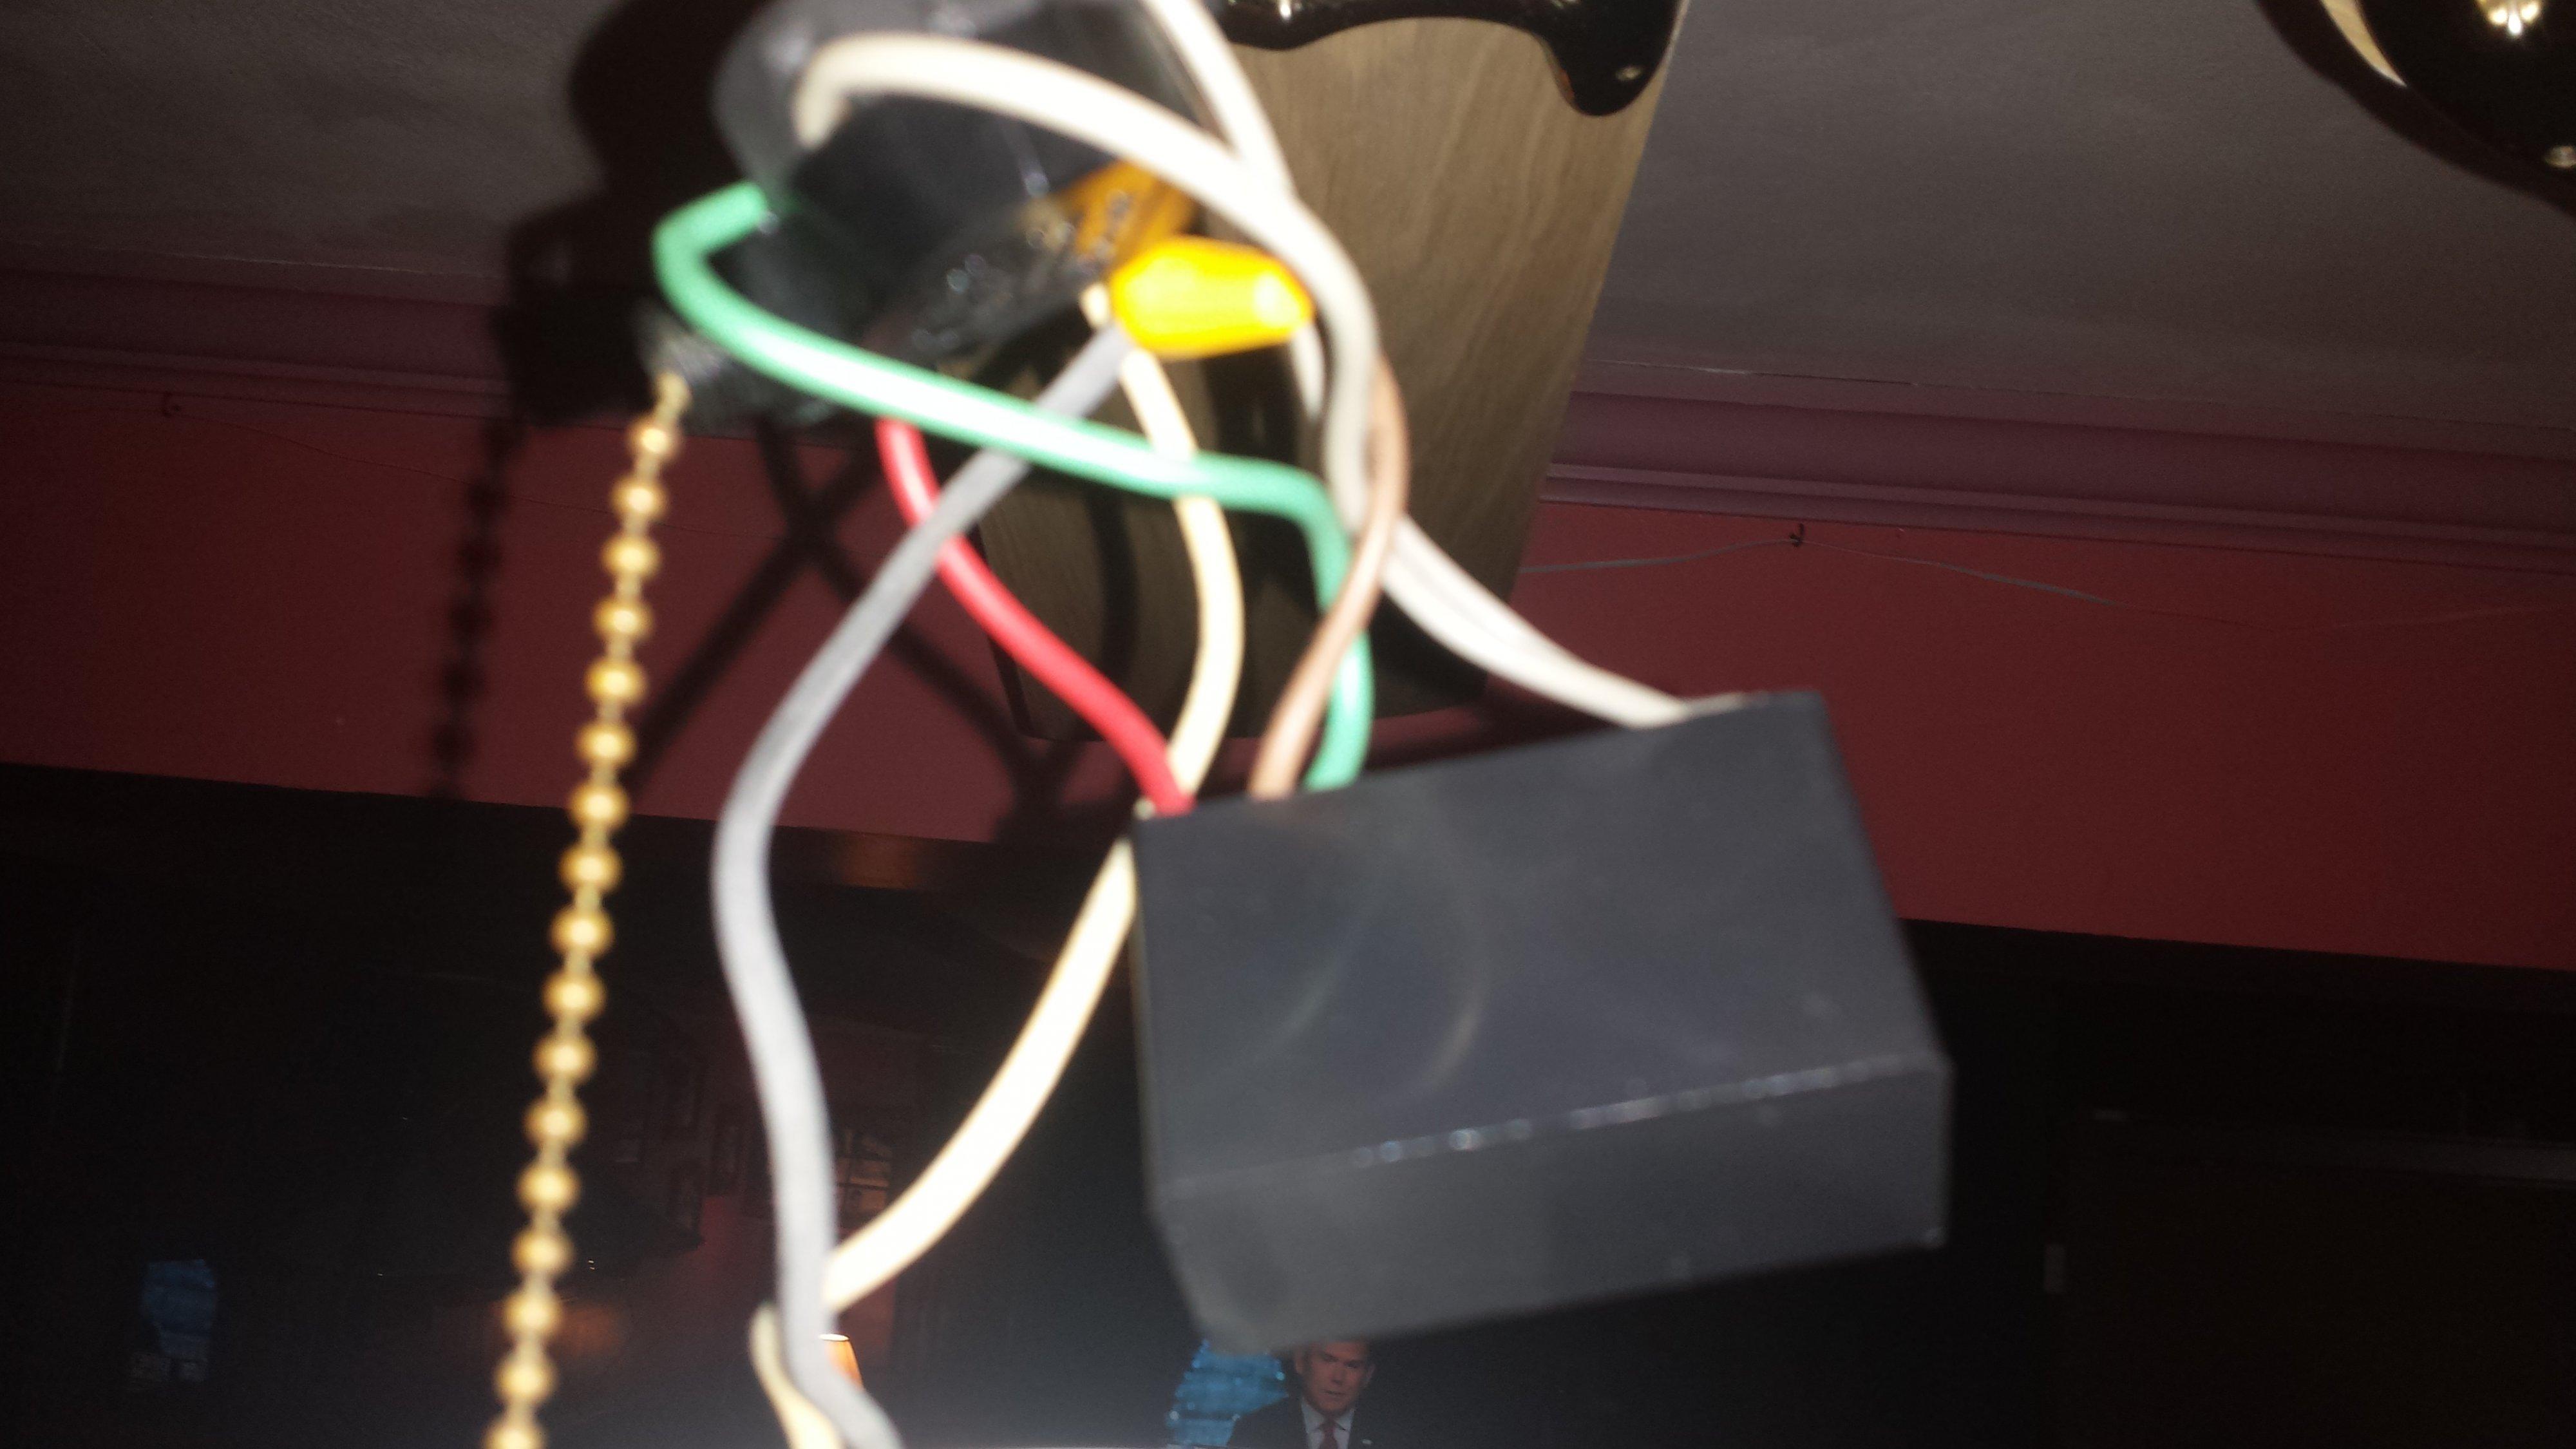 Wattage Limiter For Hunter Ceiling Fan